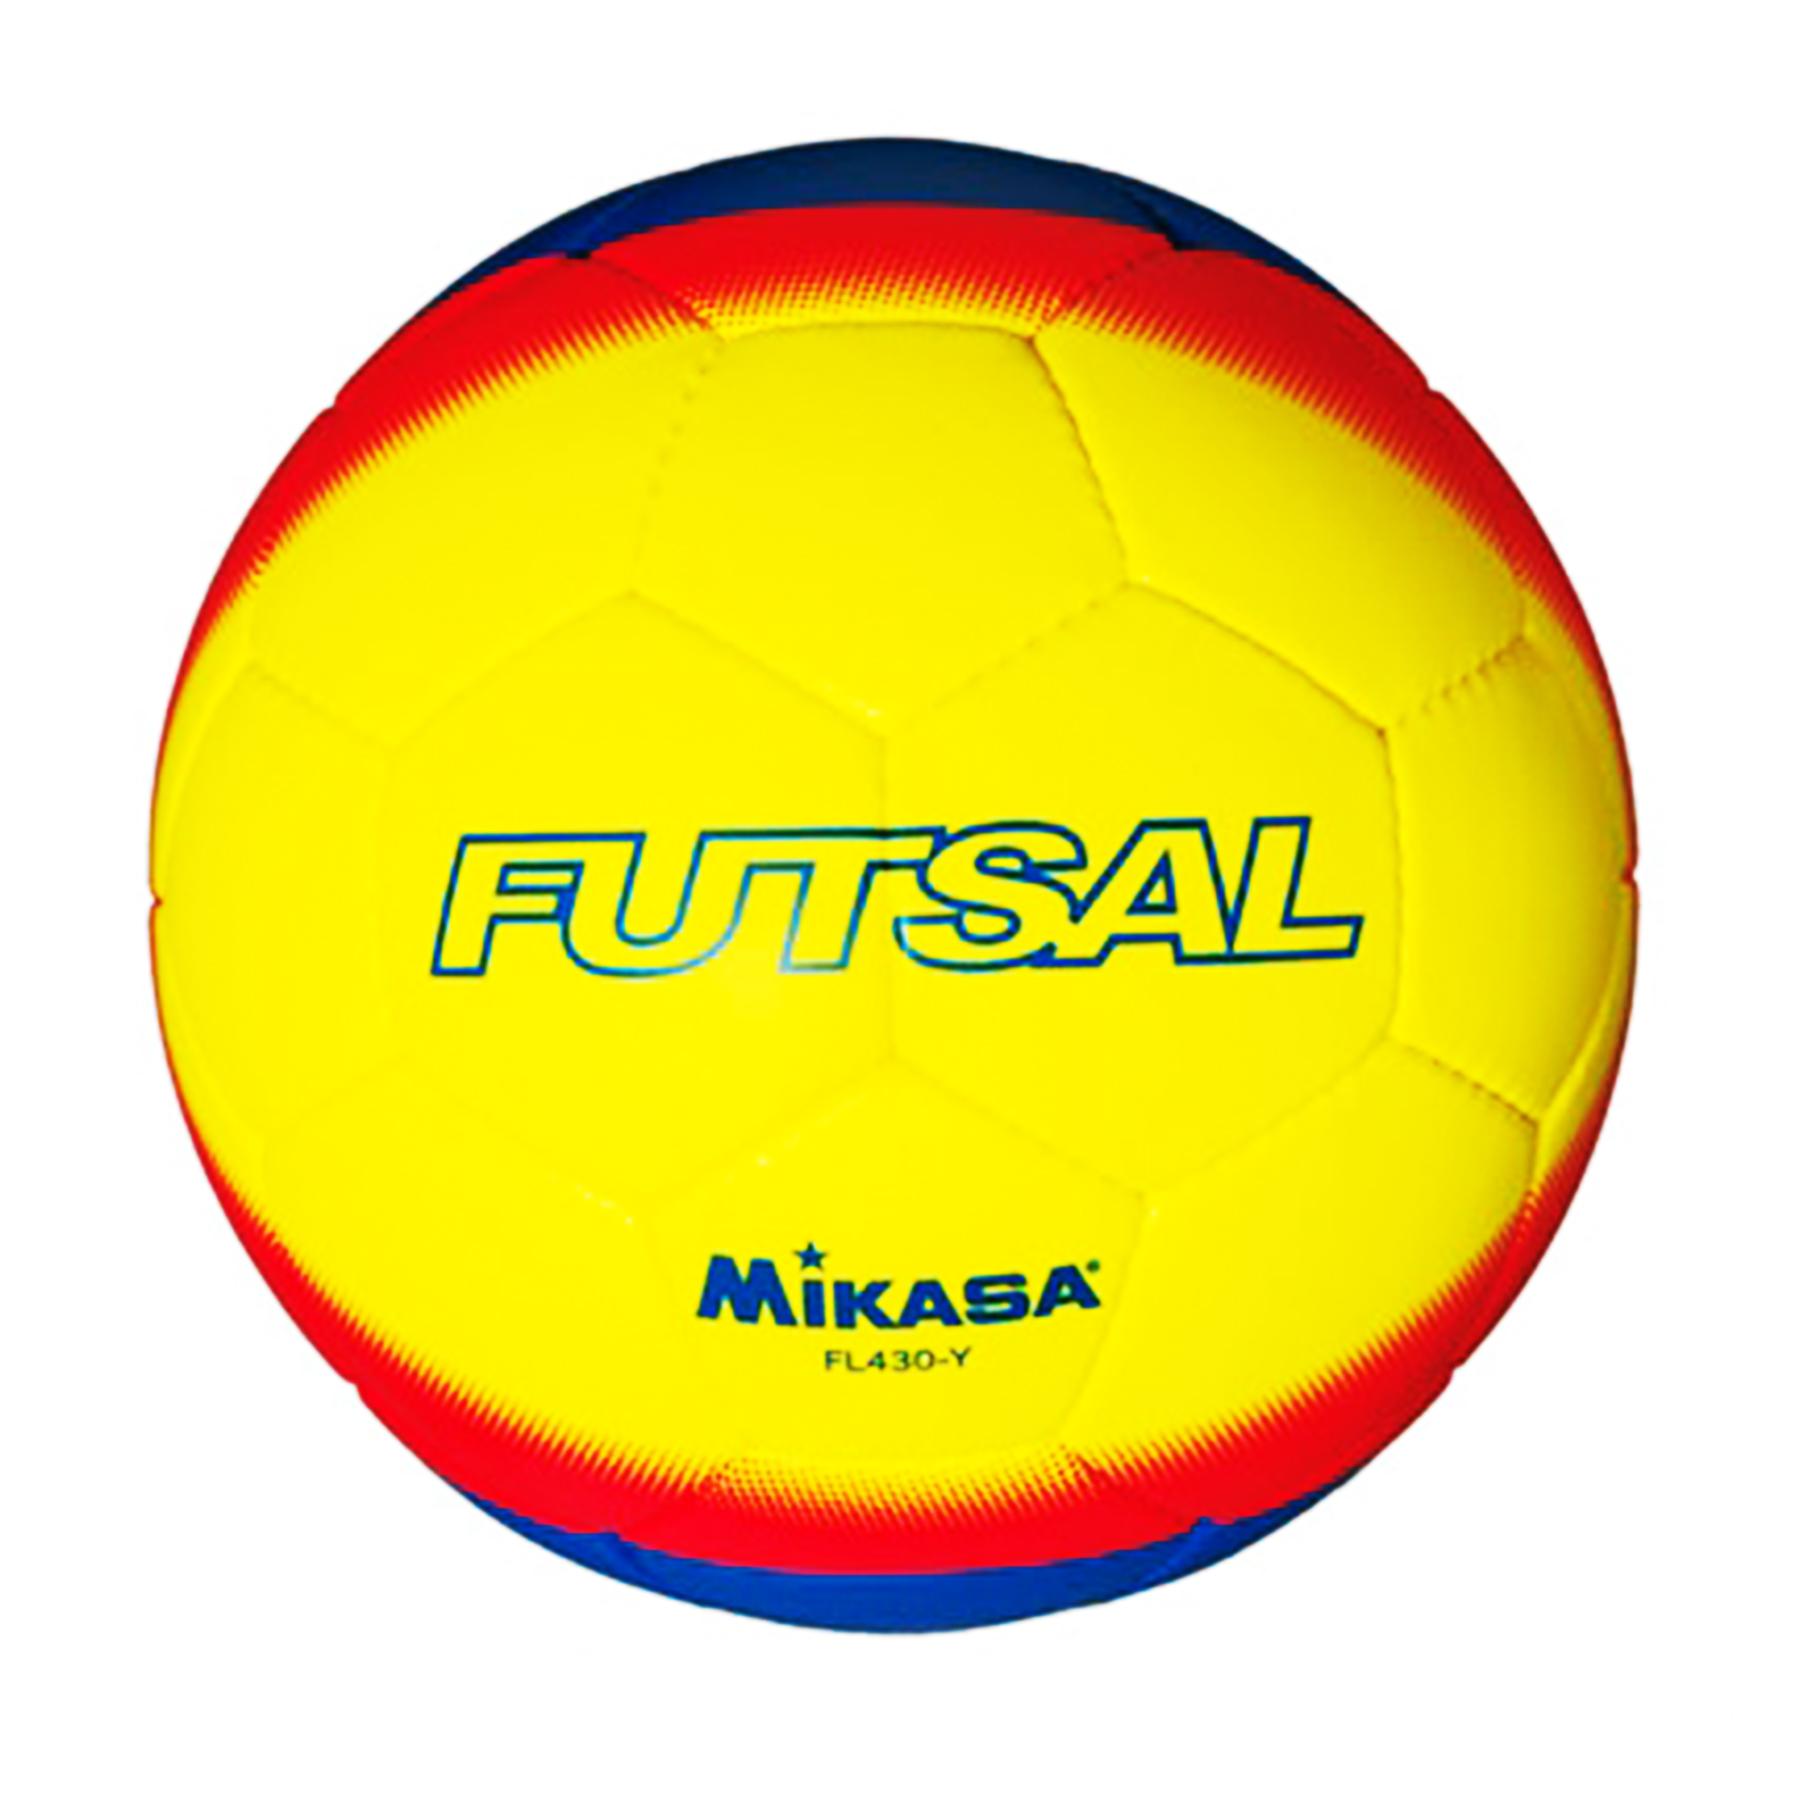 Мяч ф/б Микаса минифутбол FL 430-Y/О №4 низк отскок,ручная сшивка